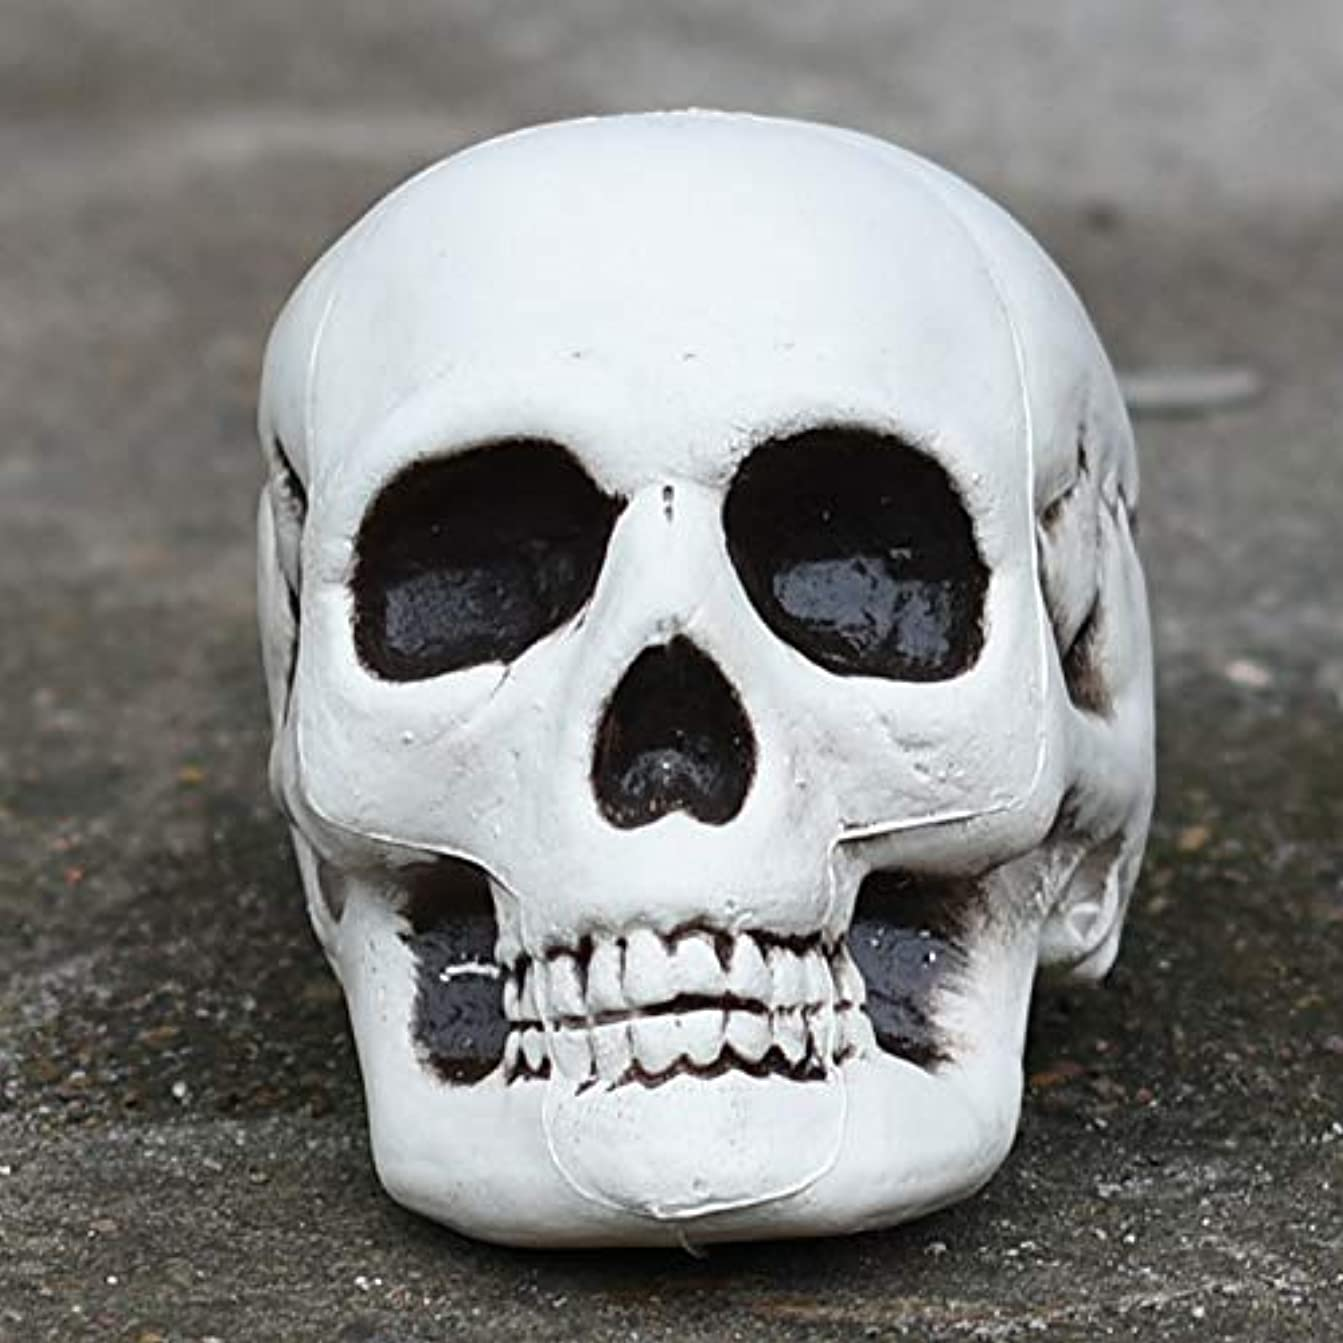 チューブうなずく可能ETRRUU HOME デッドトゥースハロウィン小道具バーお化け屋敷秘密の部屋スカル装飾品シミュレーション骨モデル